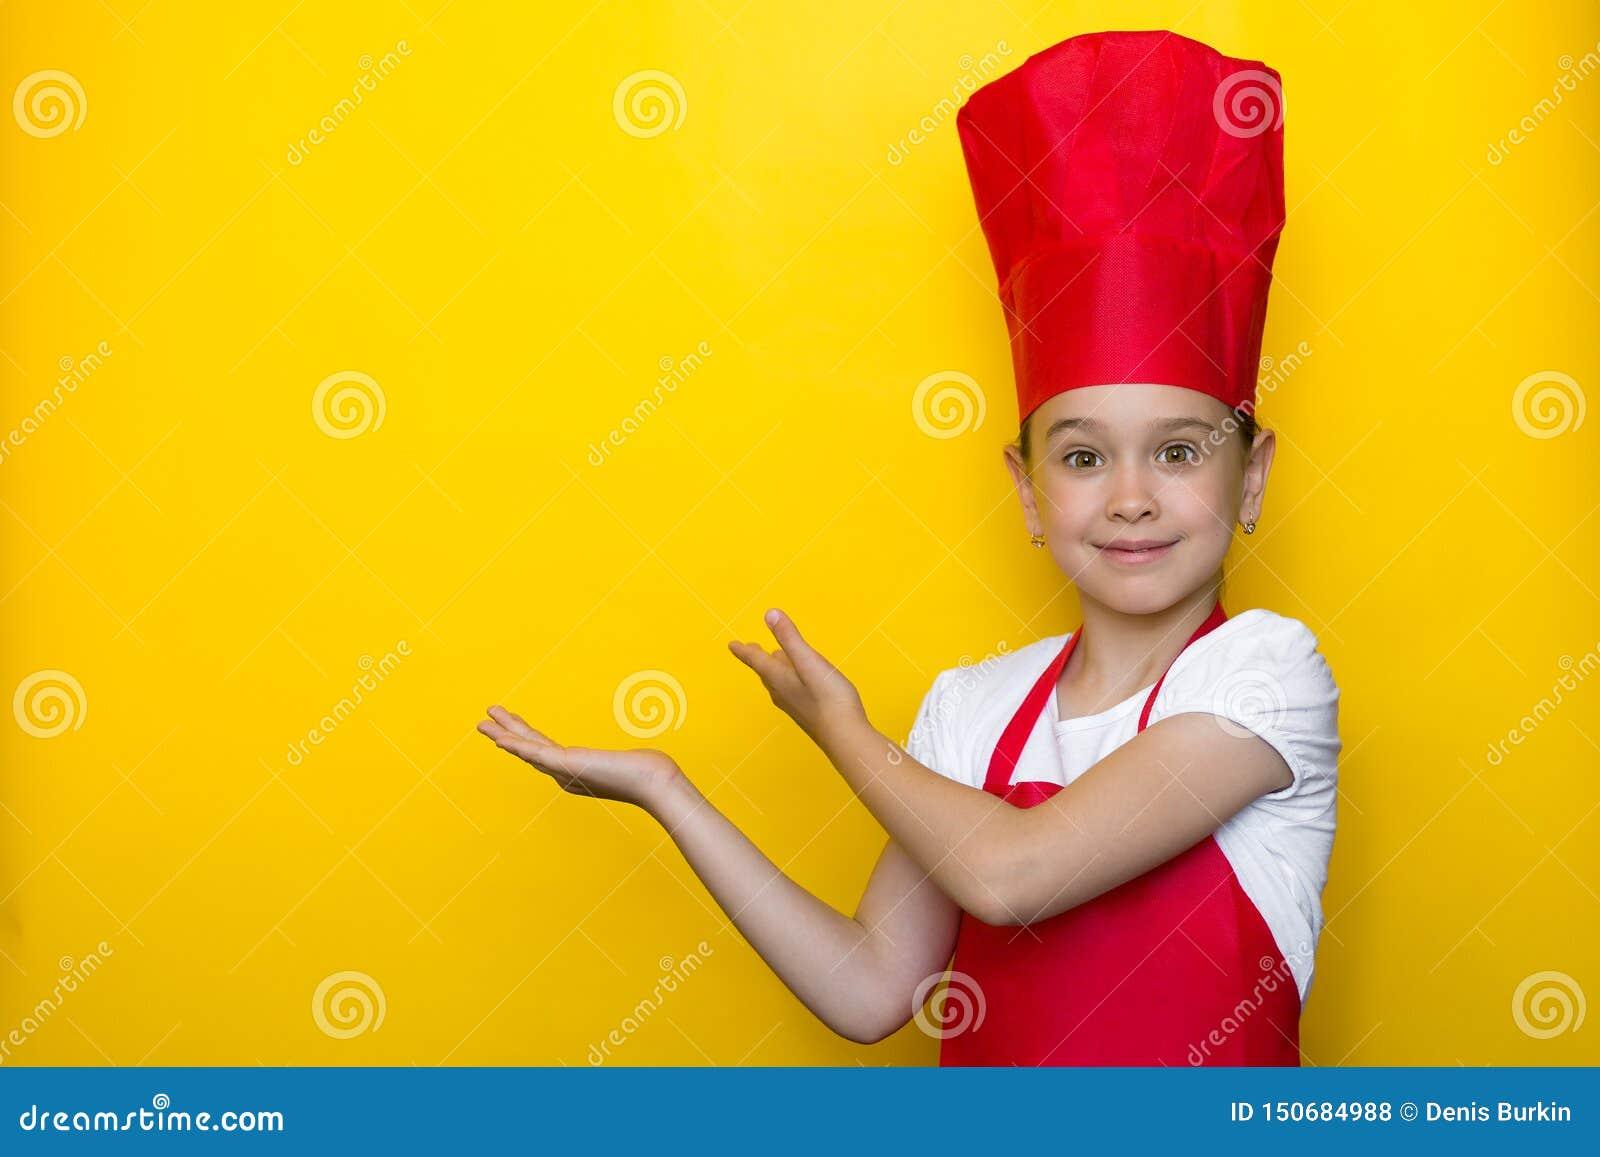 Menina de sorriso em pontos do terno de um cozinheiro chefe vermelho com ambas as mãos a um espaço da cópia em um fundo amarelo